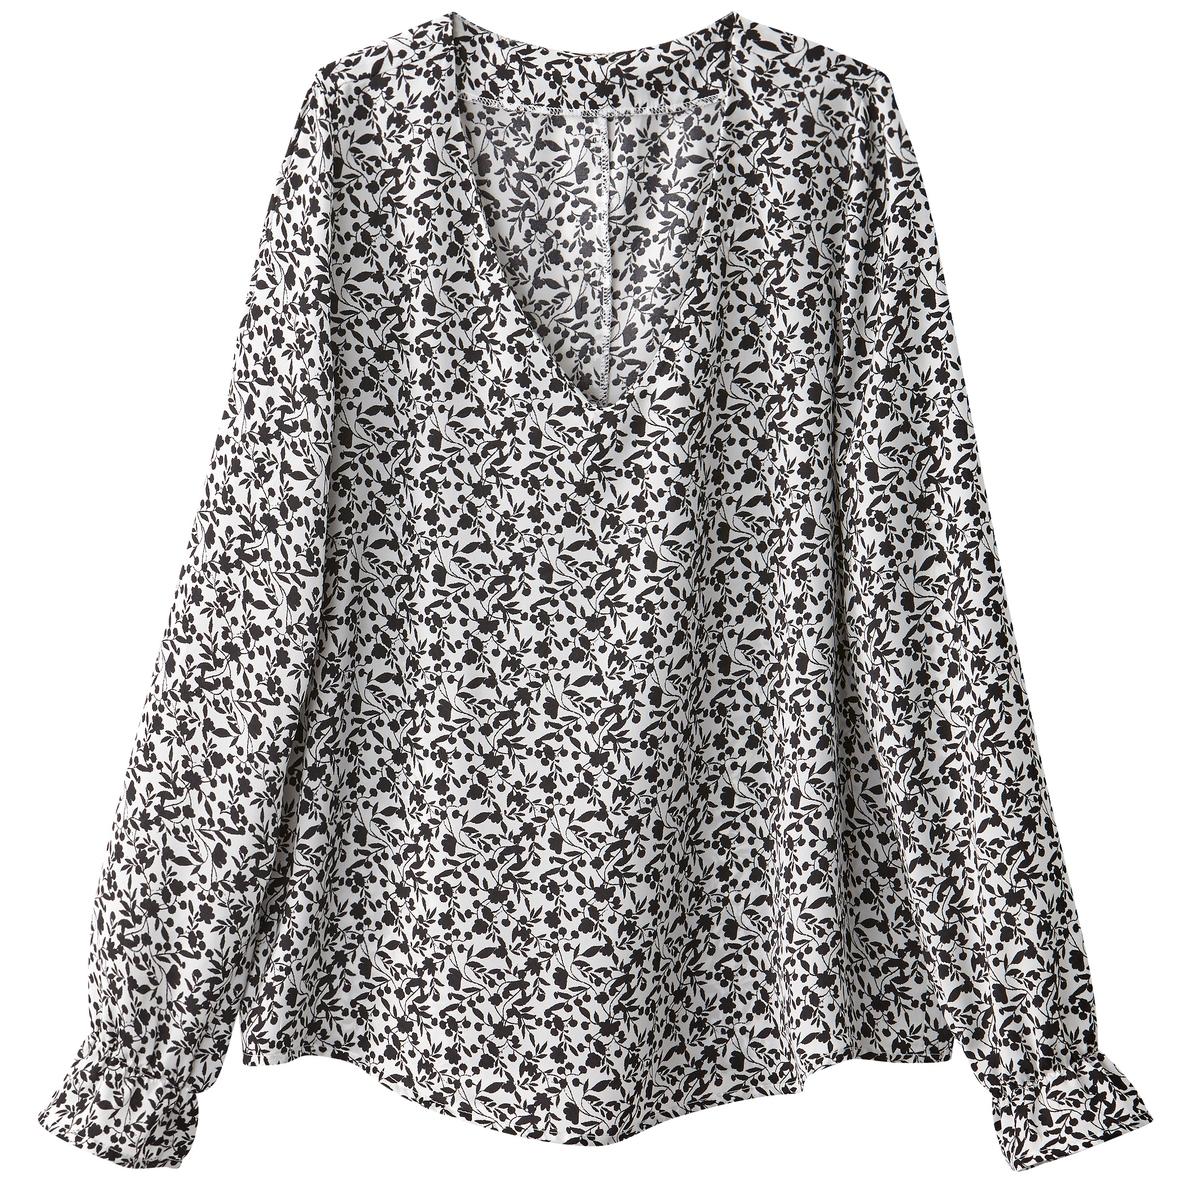 Блузка с V-образным вырезом, рисунком и длинными рукавами